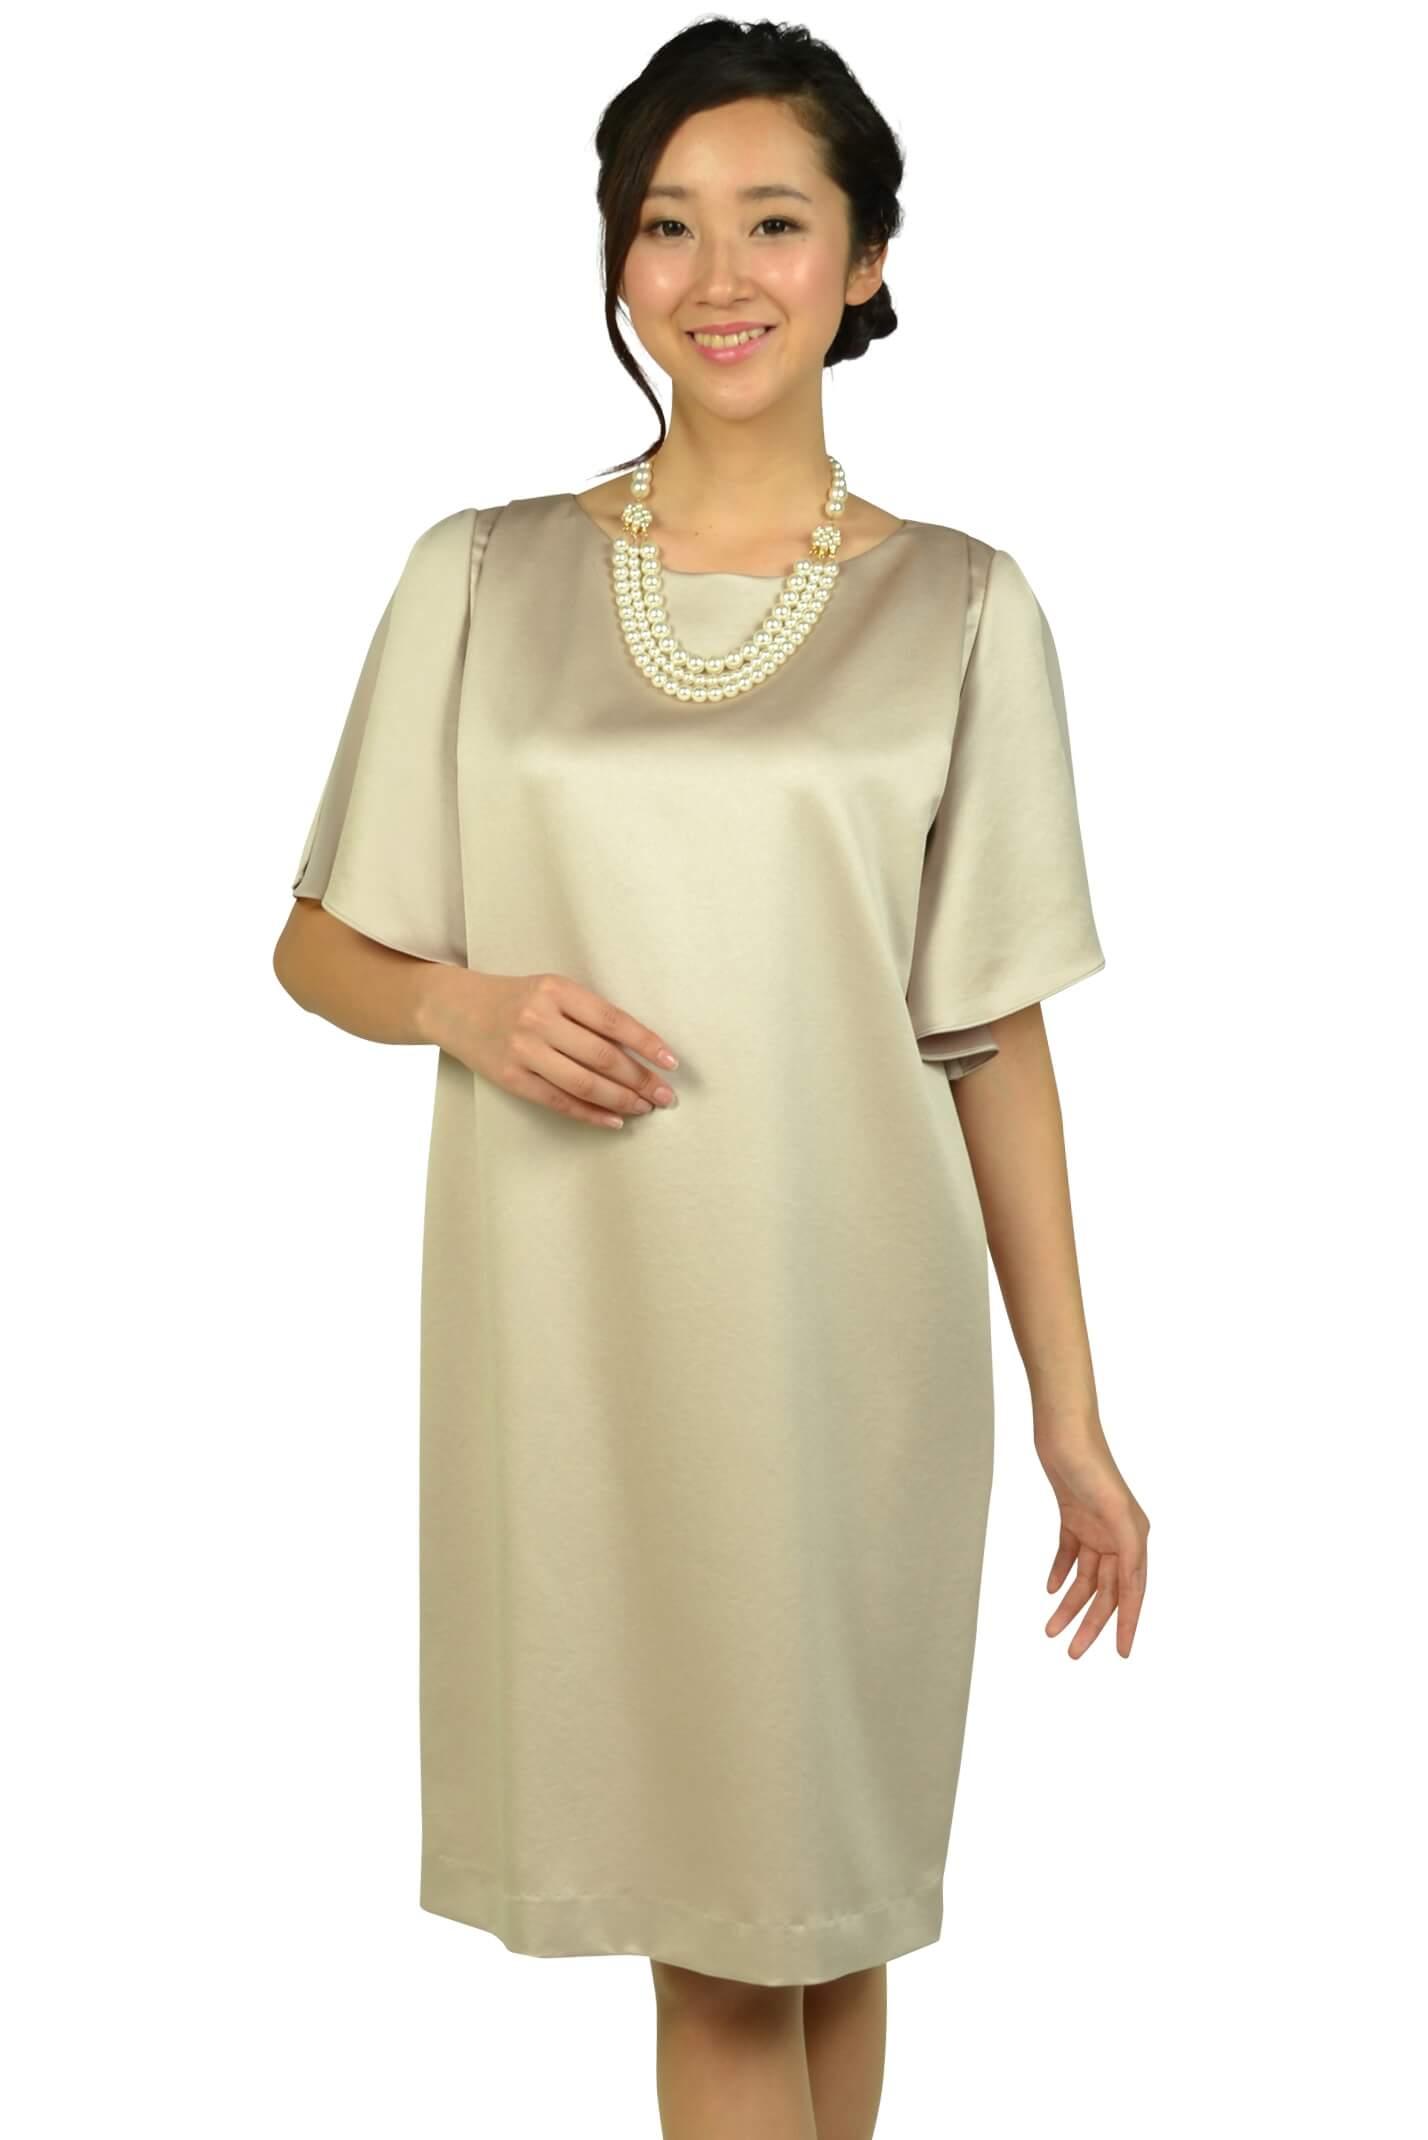 アンタイトル(UNTITLED)光沢シャンパンベージュゆったりドレス